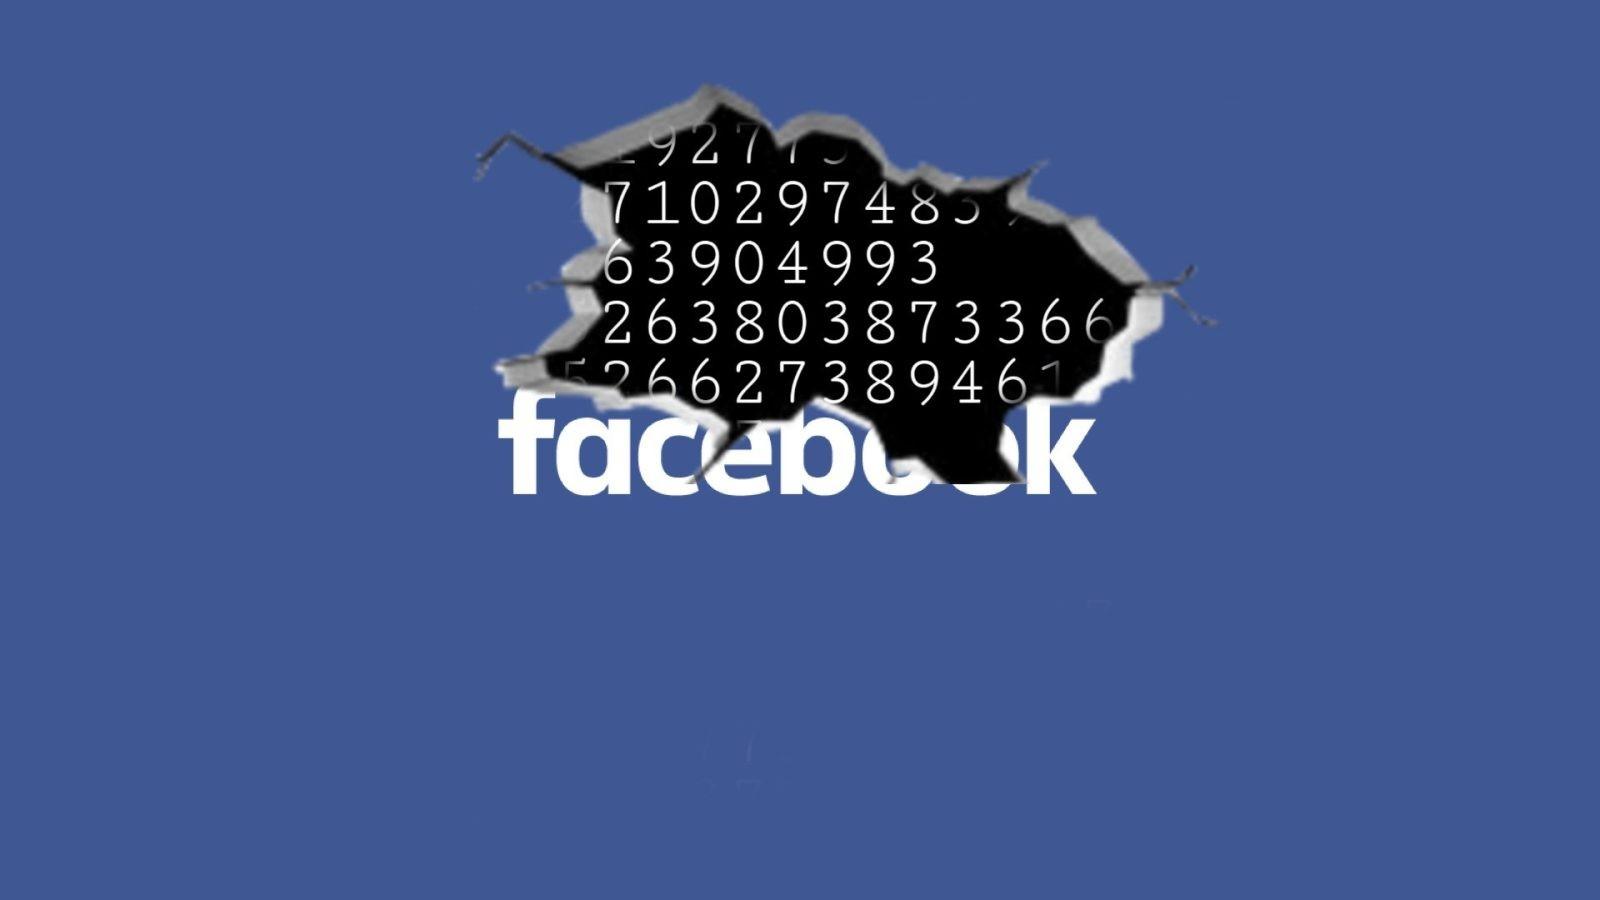 משווקים בפייסבוק? מהו האלגוריתם החדש של פייסבוק